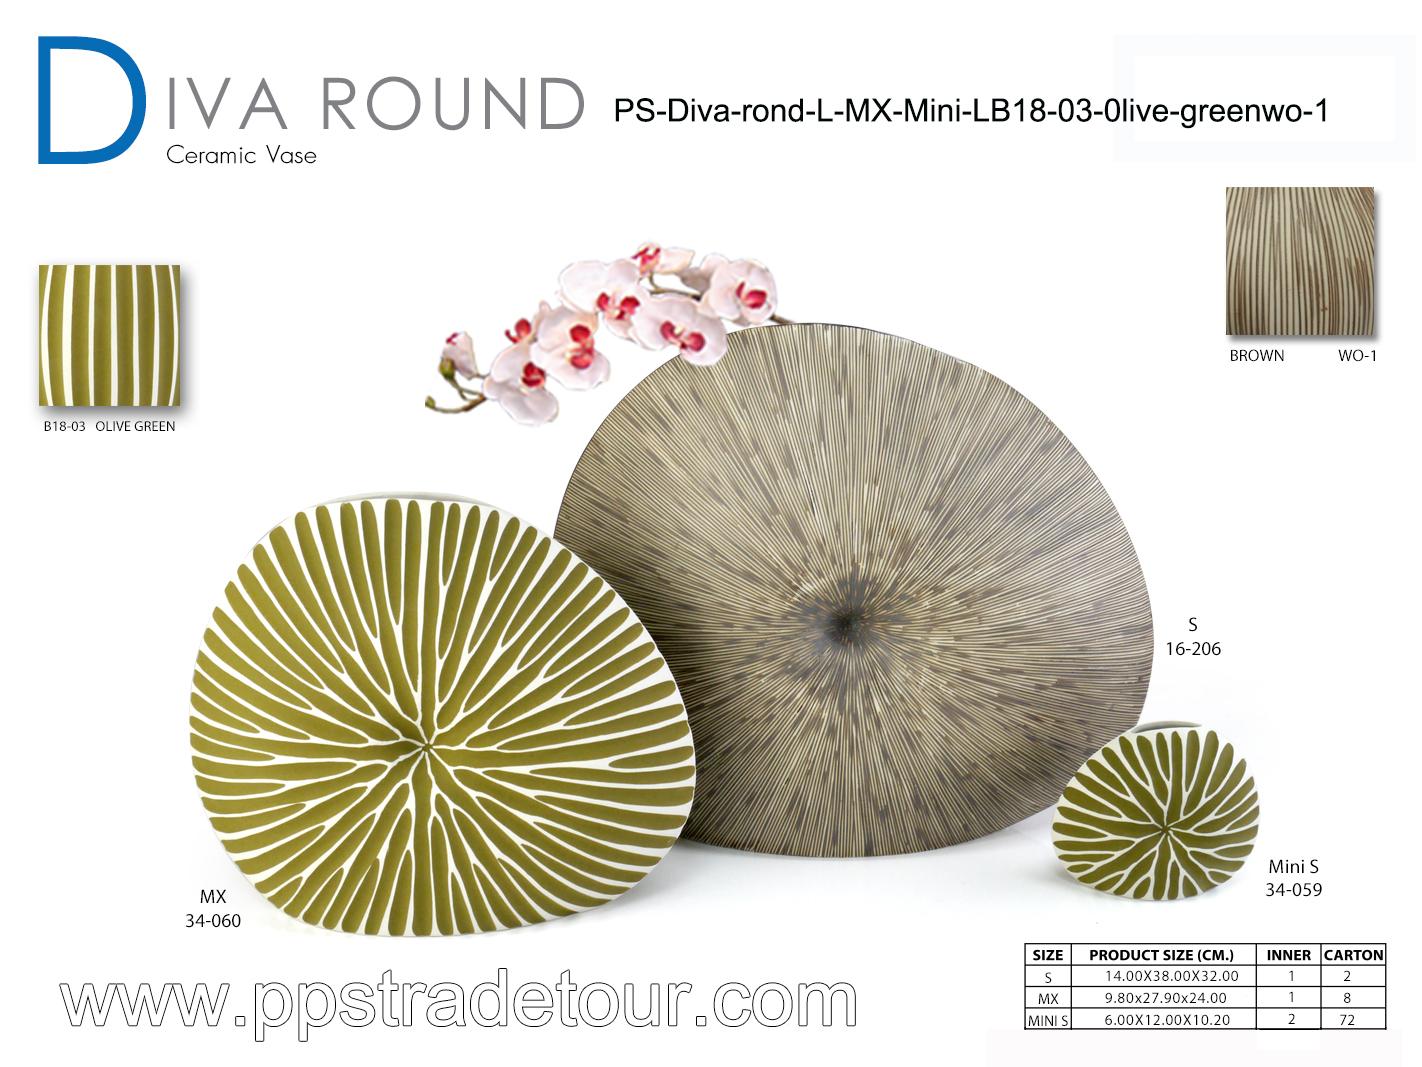 PSCV-DIVAROUND-L-MX-MINI-LB18-03-OLIVE-GREENWO-1